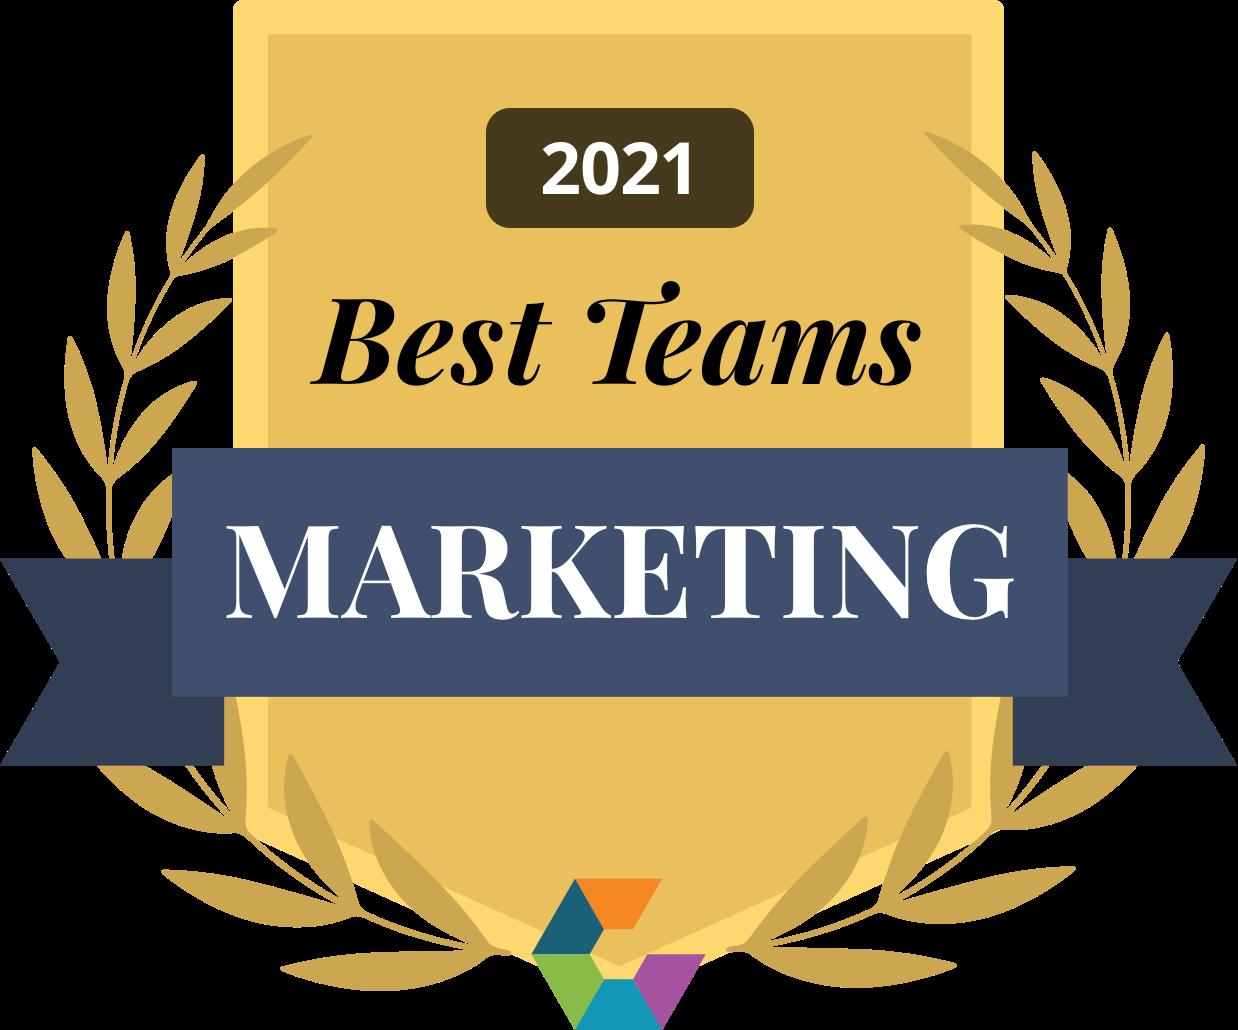 Best Marketing Team 2021